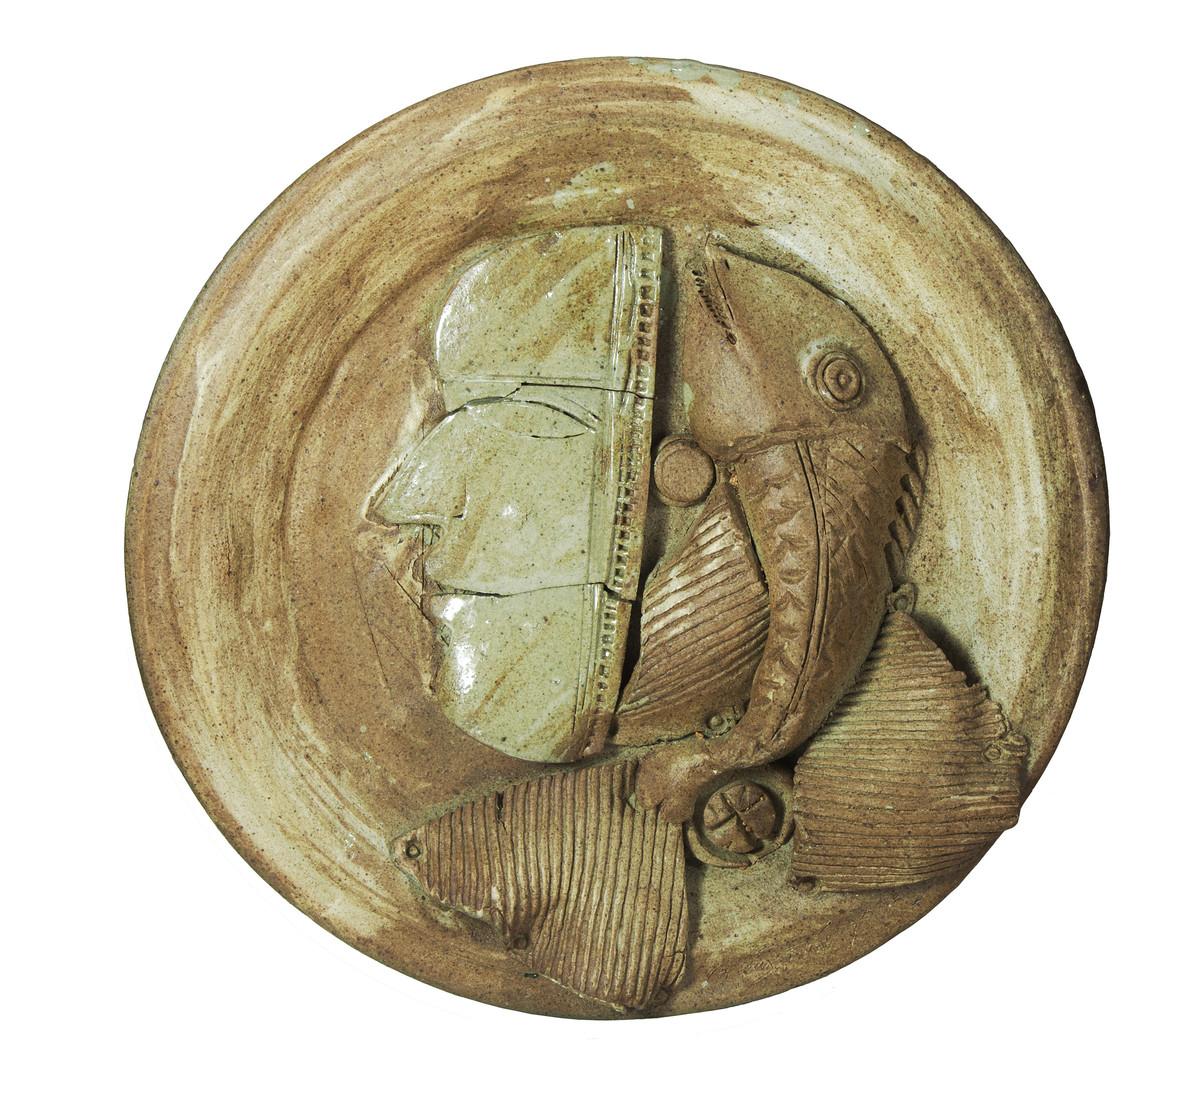 Platter-3 by Laxma Goud, Decorative Sculpture | 3D, Ceramic, Beige color